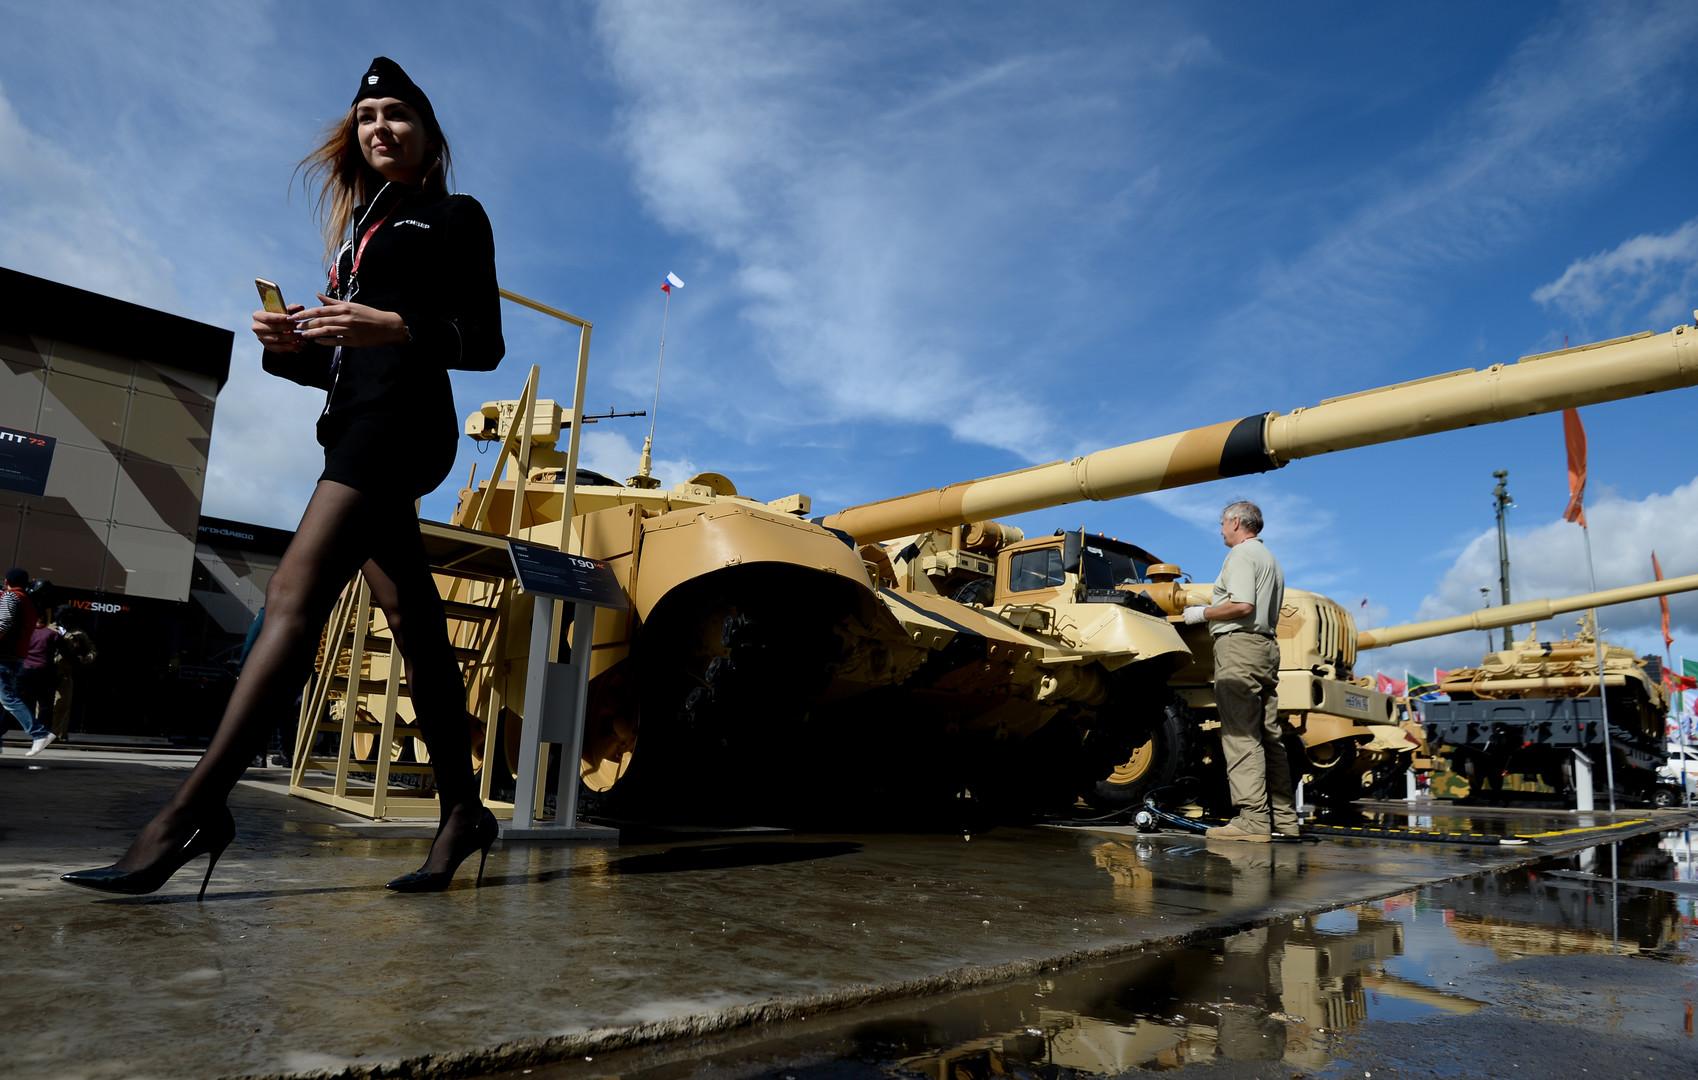 Танк Т-90МС представлен на стенде Научно-производственной корпорации «Уралвагонзавод» имени Ф.Э. Дзержинского в открытой экспозиции на Международном военно-техническом форуме «Армия-2016»